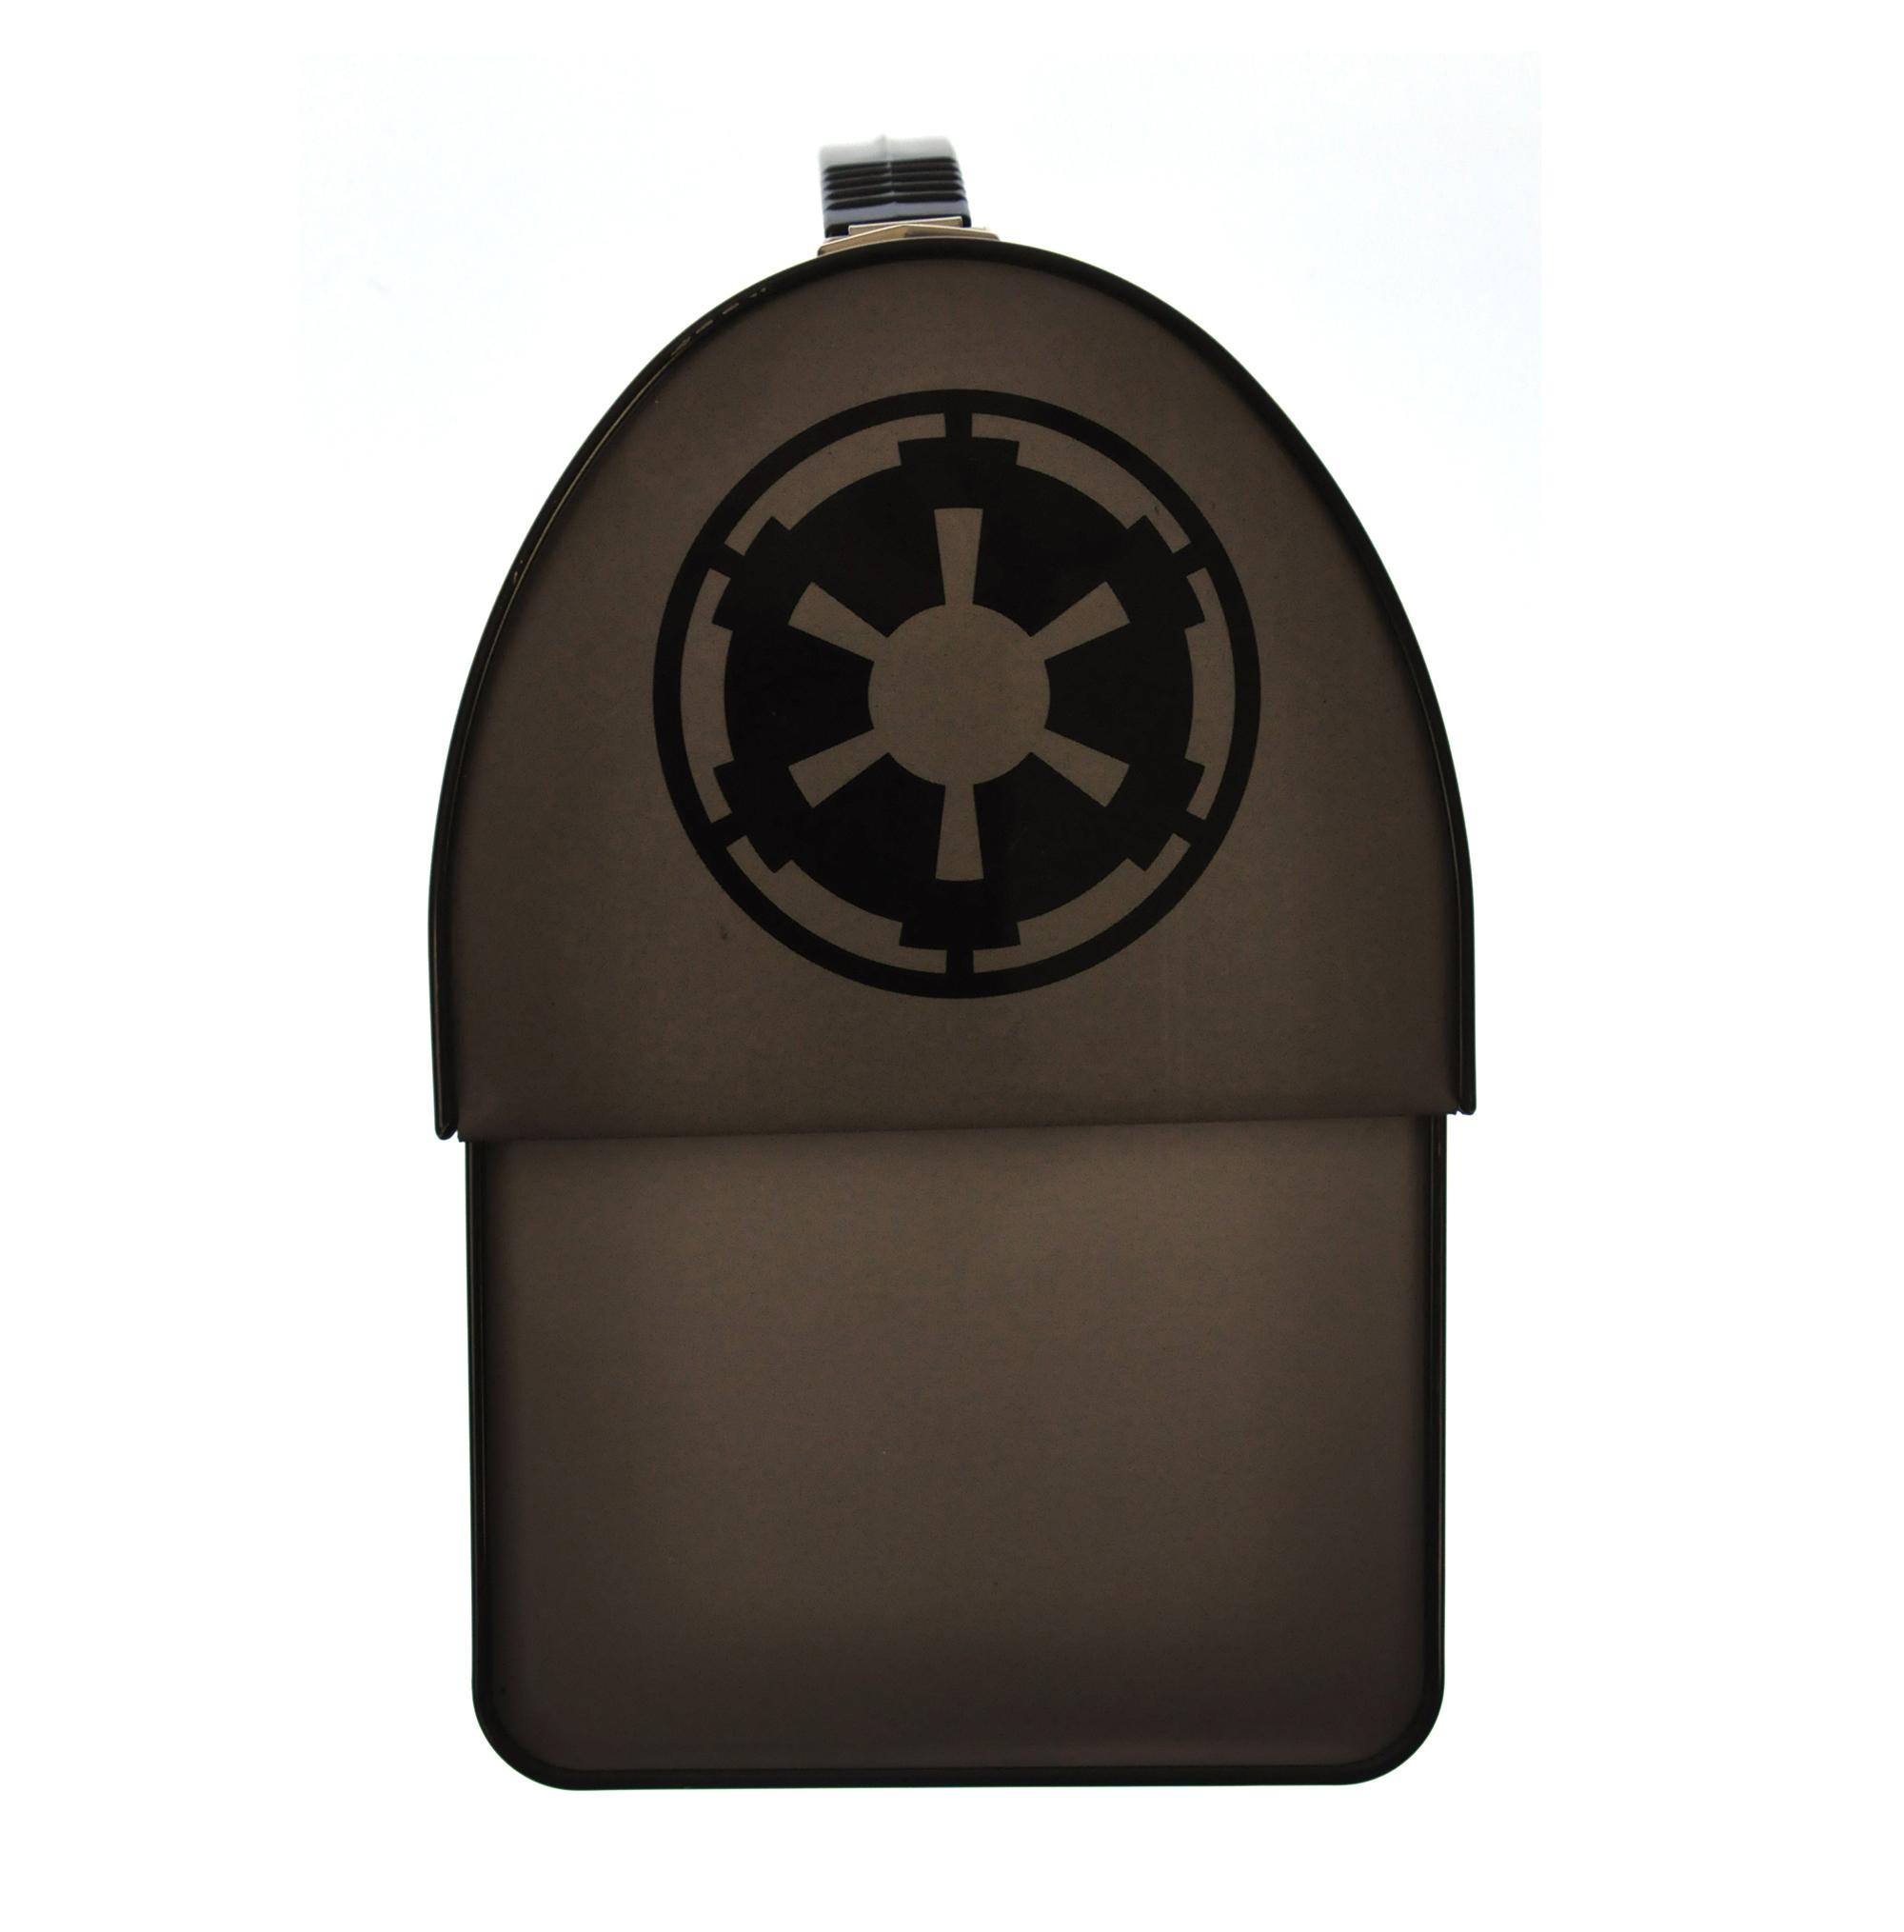 star wars darth vader lunchbox. Black Bedroom Furniture Sets. Home Design Ideas